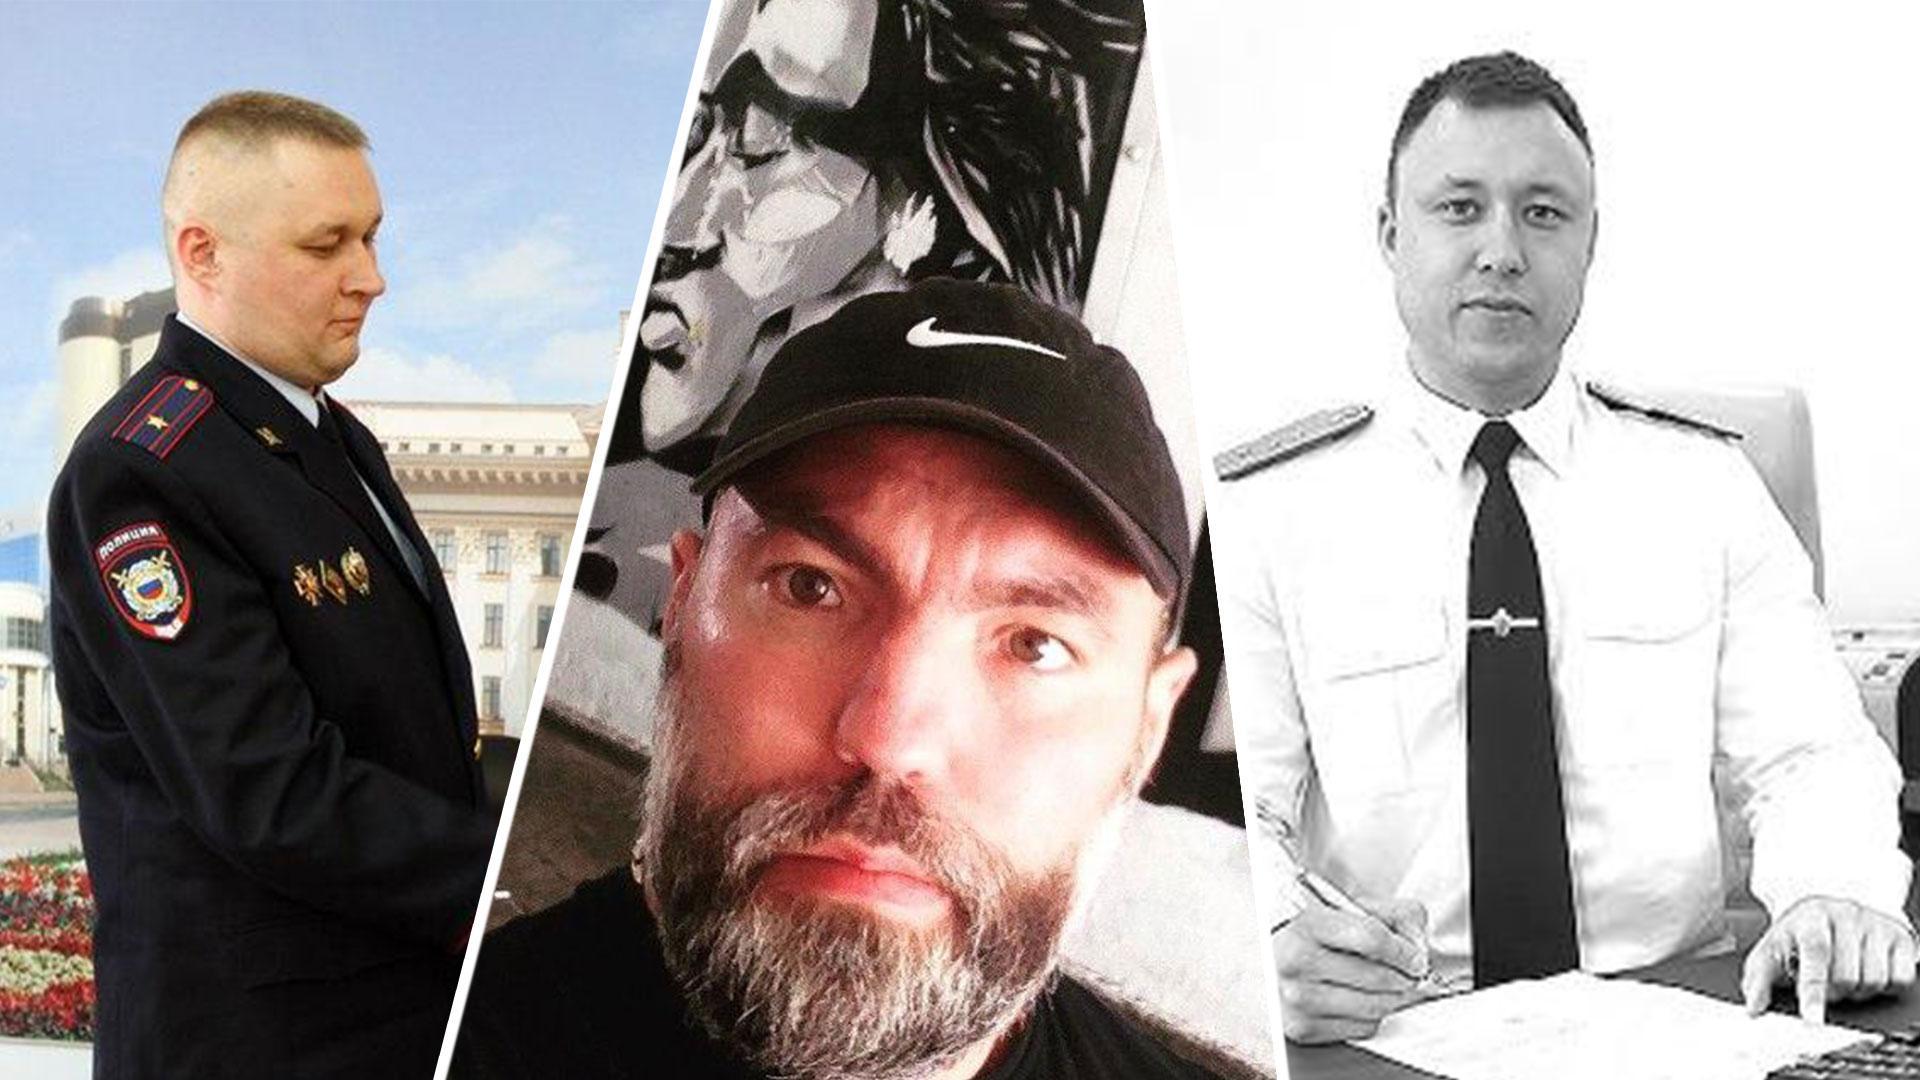 Алексей Ушатый (слева), Денис Девкин (в центре), Рафик Аглиуллин (справа) Коллаж © LIFE